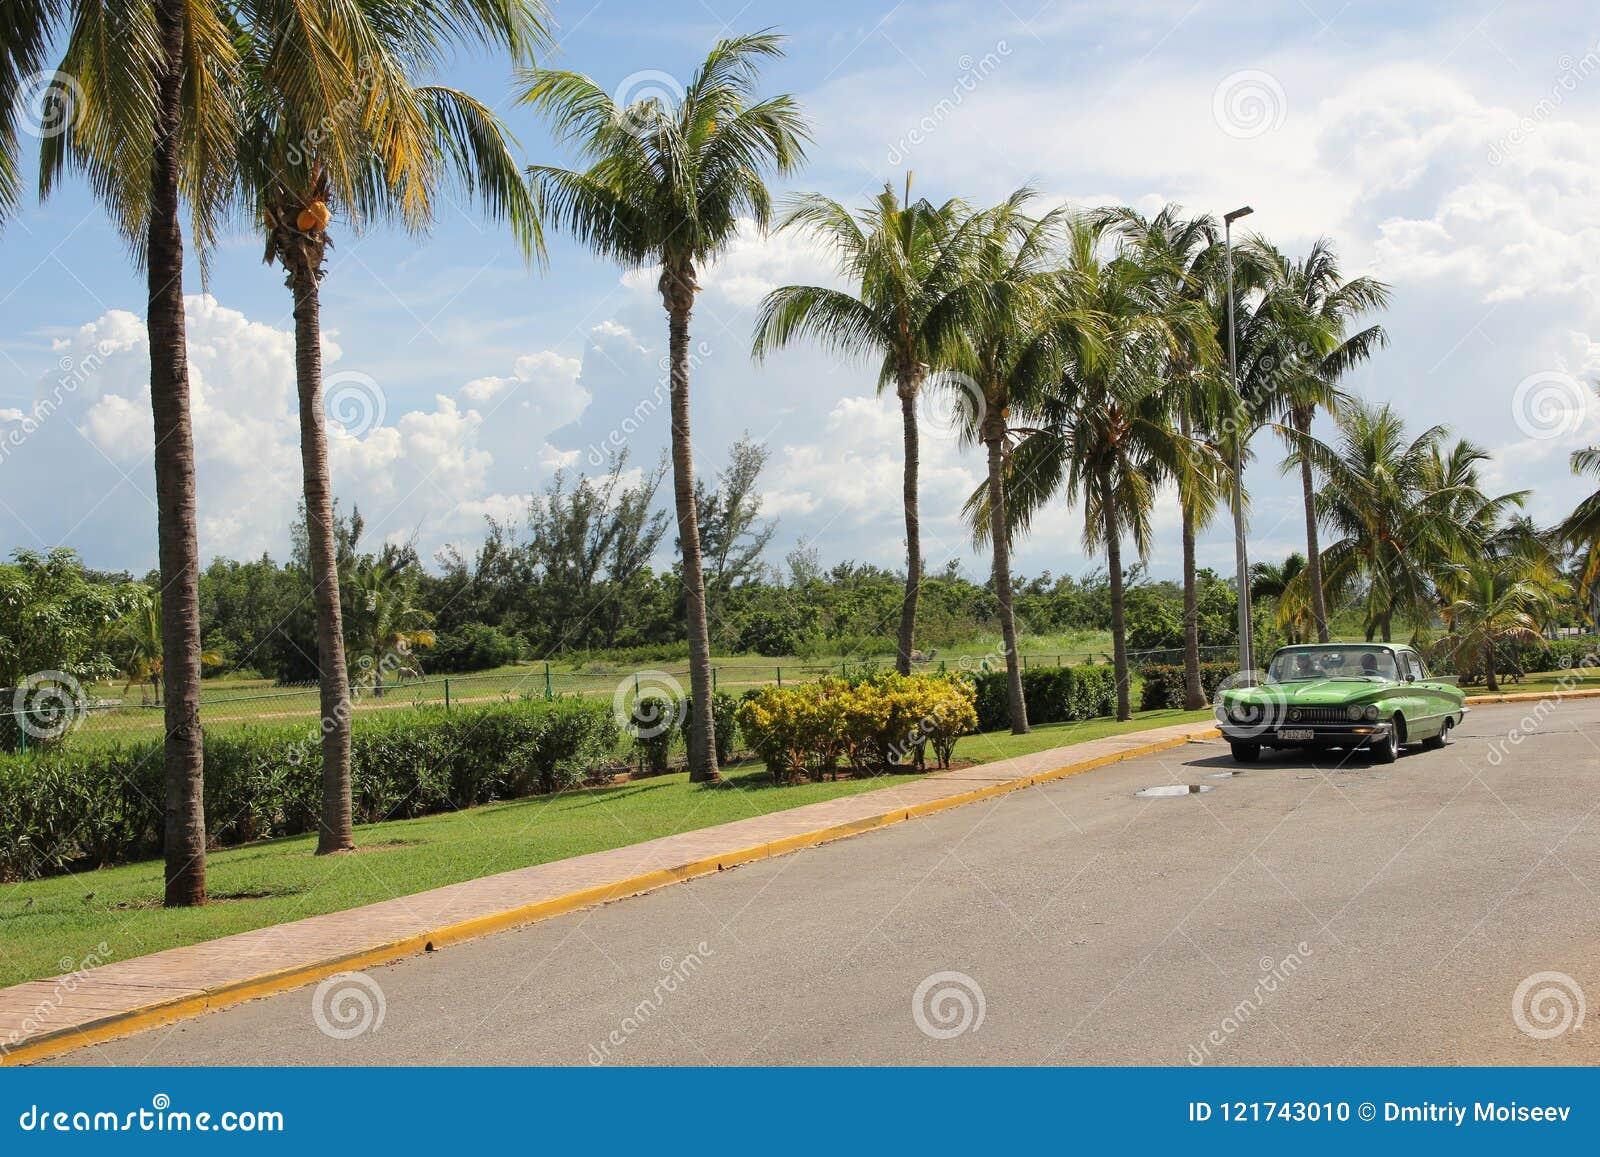 El coche americano del vintage verde monta a lo largo de una fila de palmeras altas